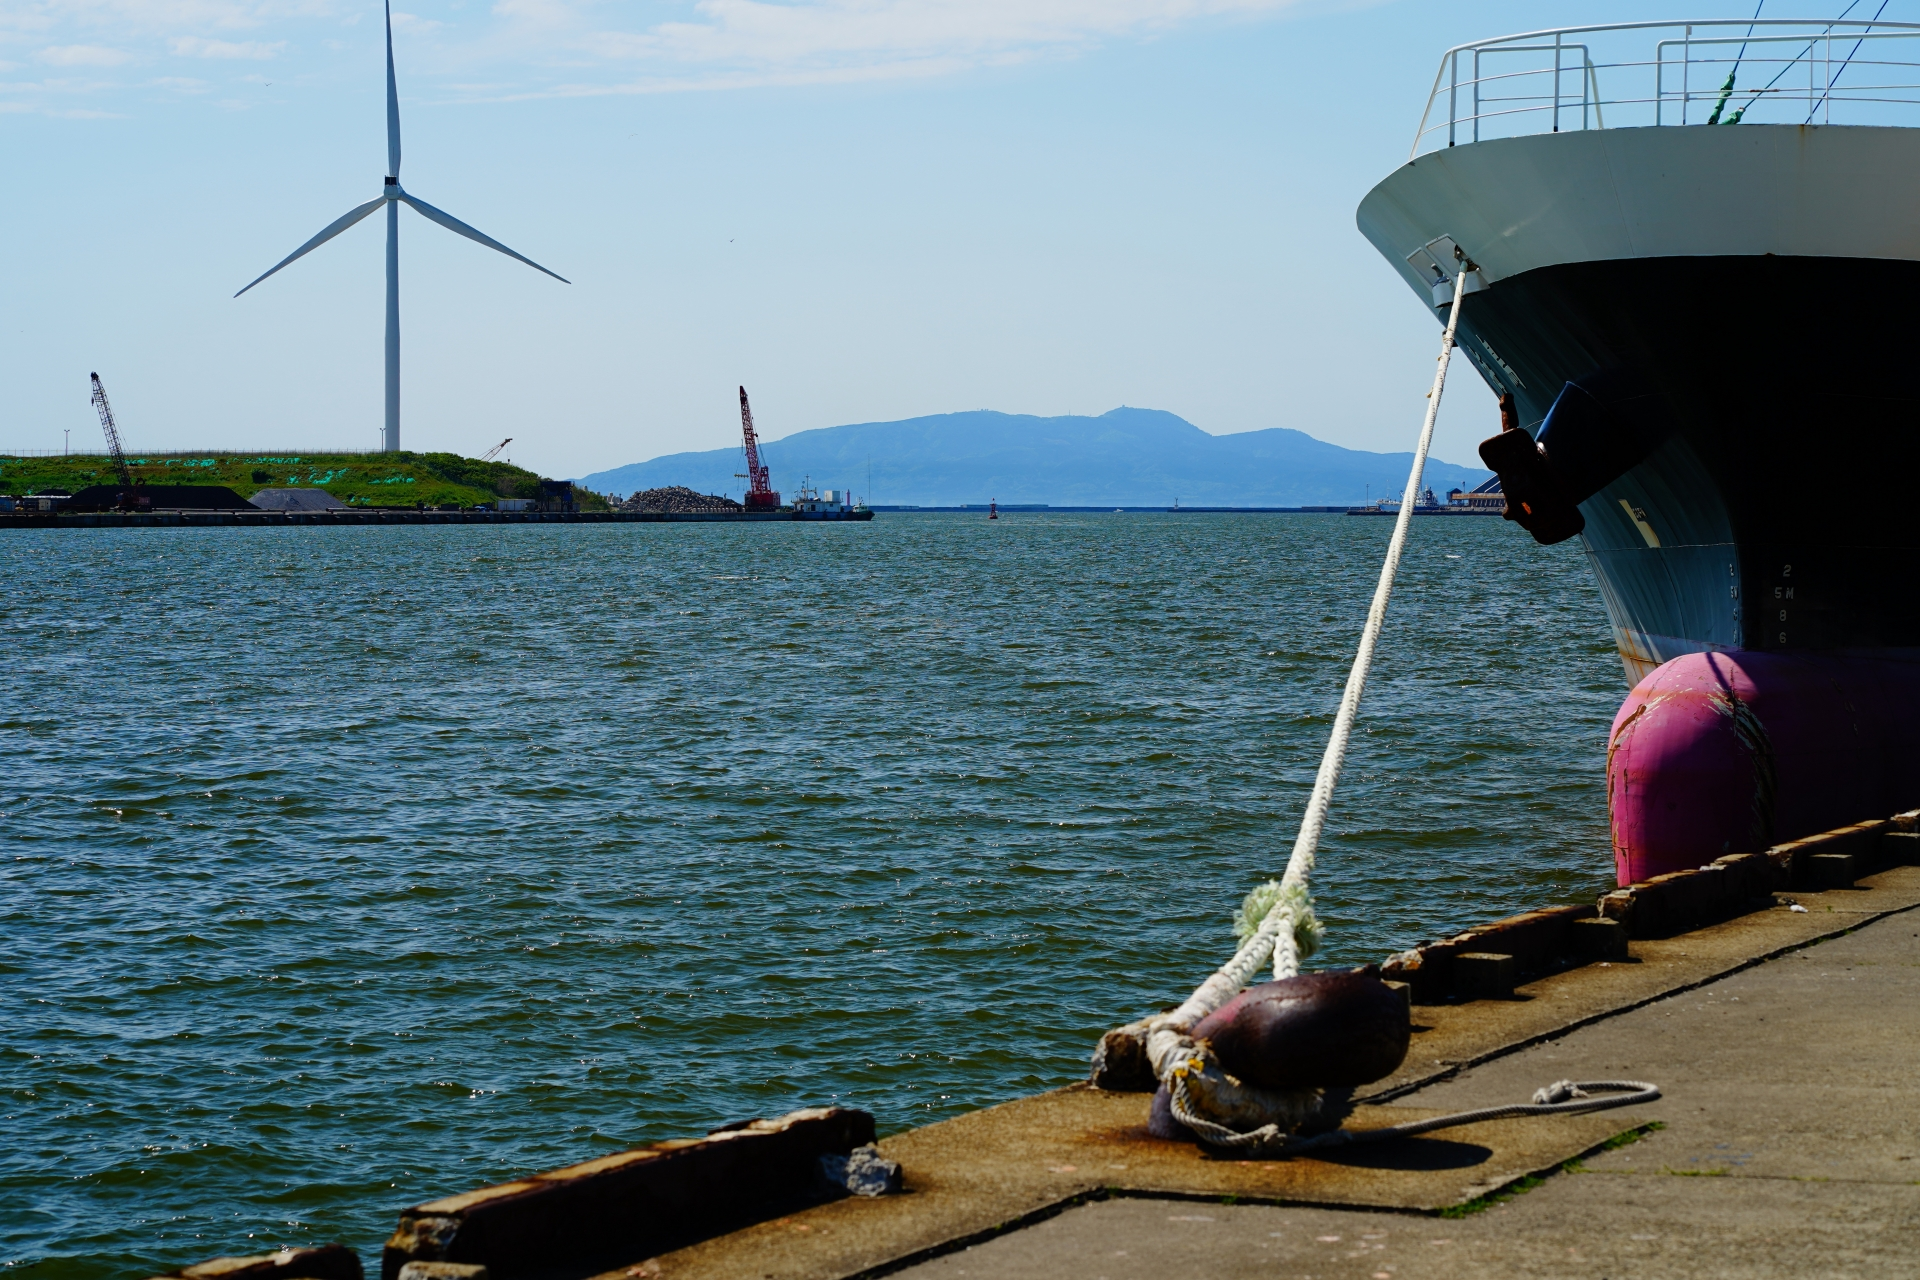 秋田港に停泊中の船と風車